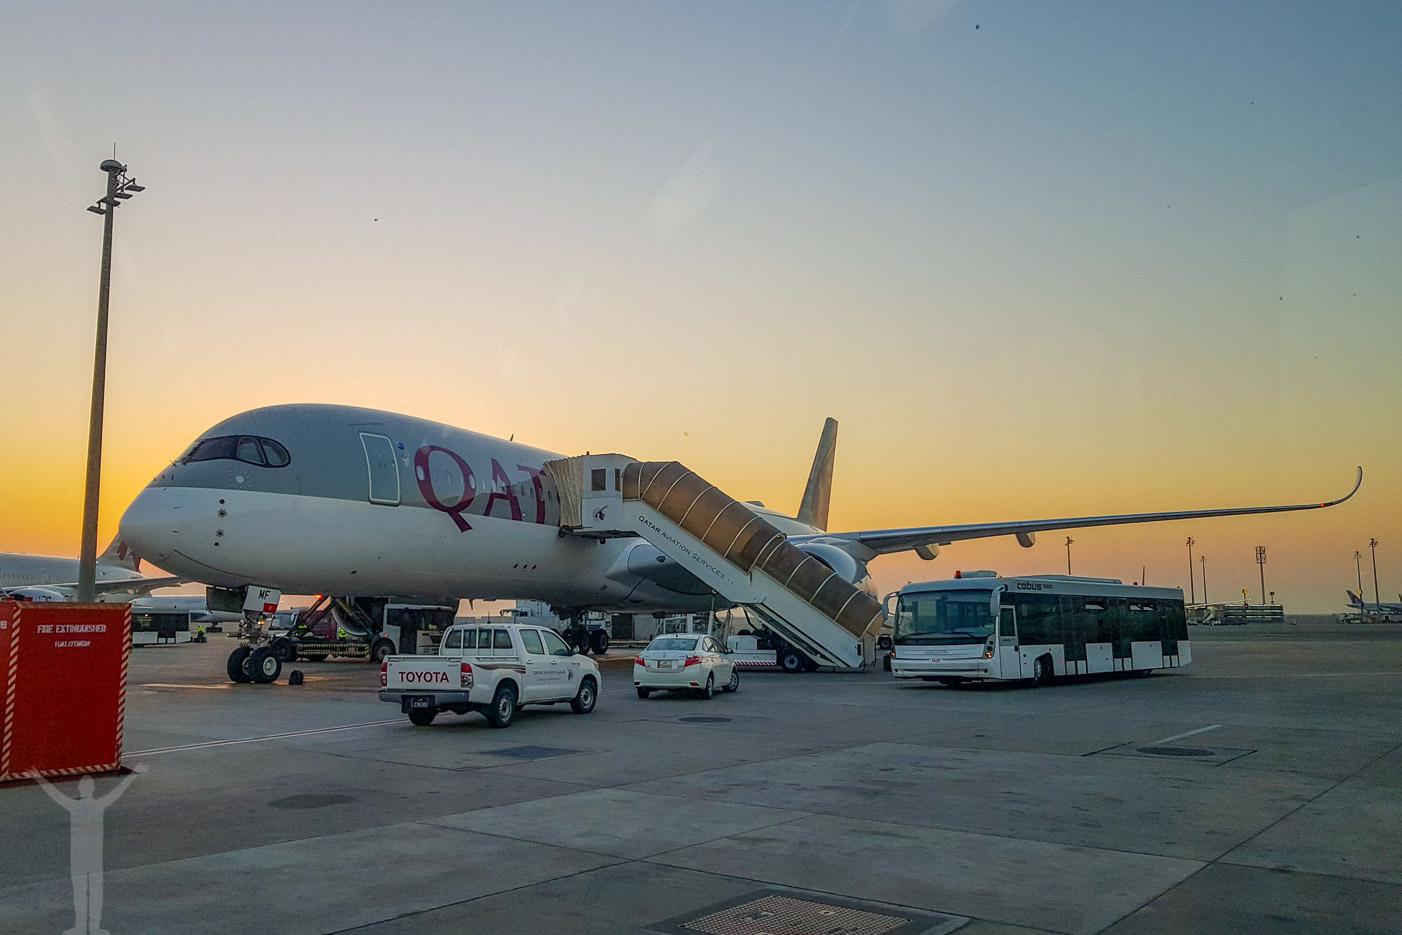 Qatar Airways - A7-AMF